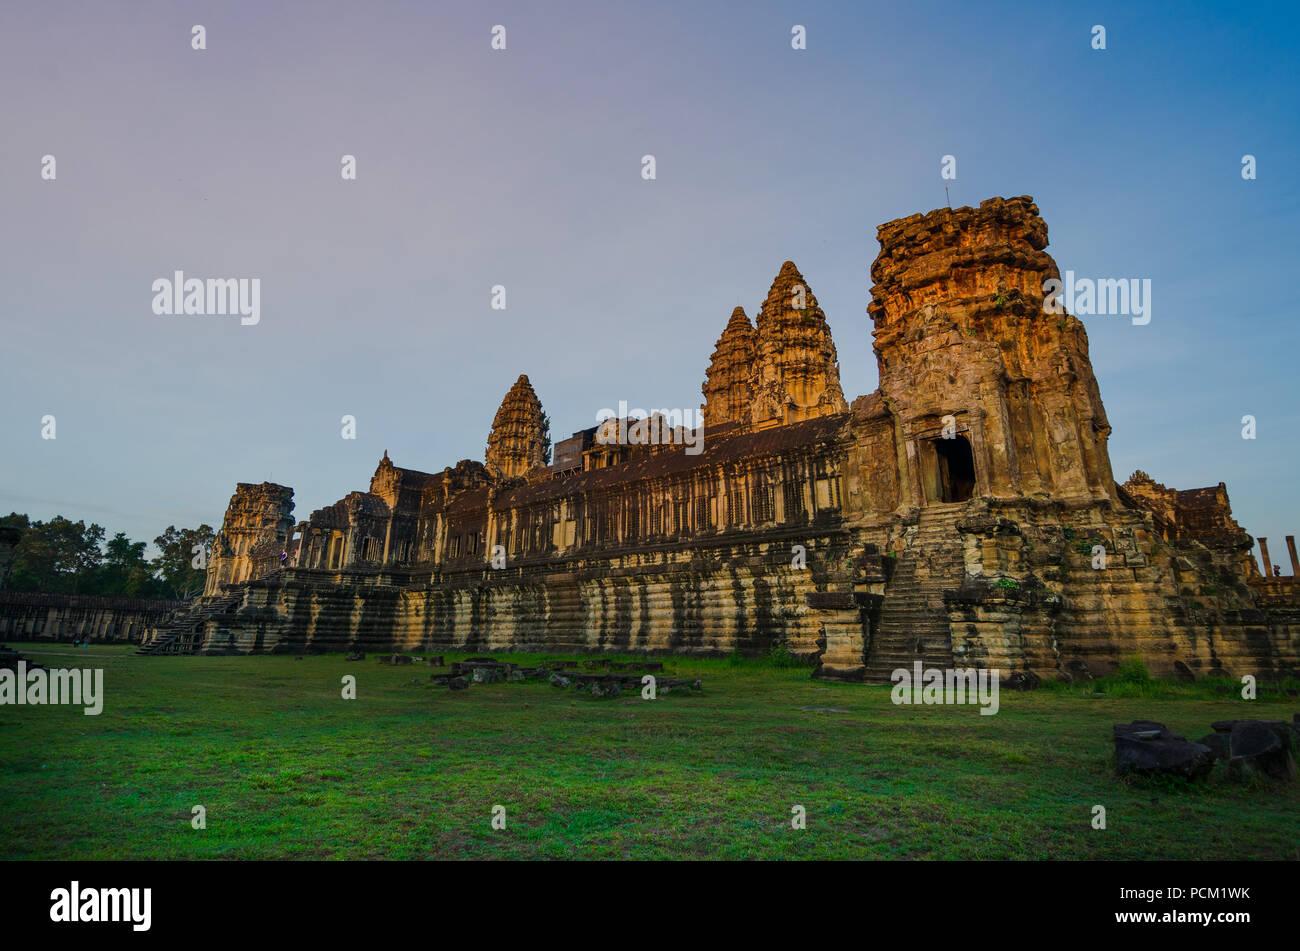 Templo de Angkor Wat, desde la cara oeste, al amanecer. En Siem Reap, Camboya. Imagen De Stock